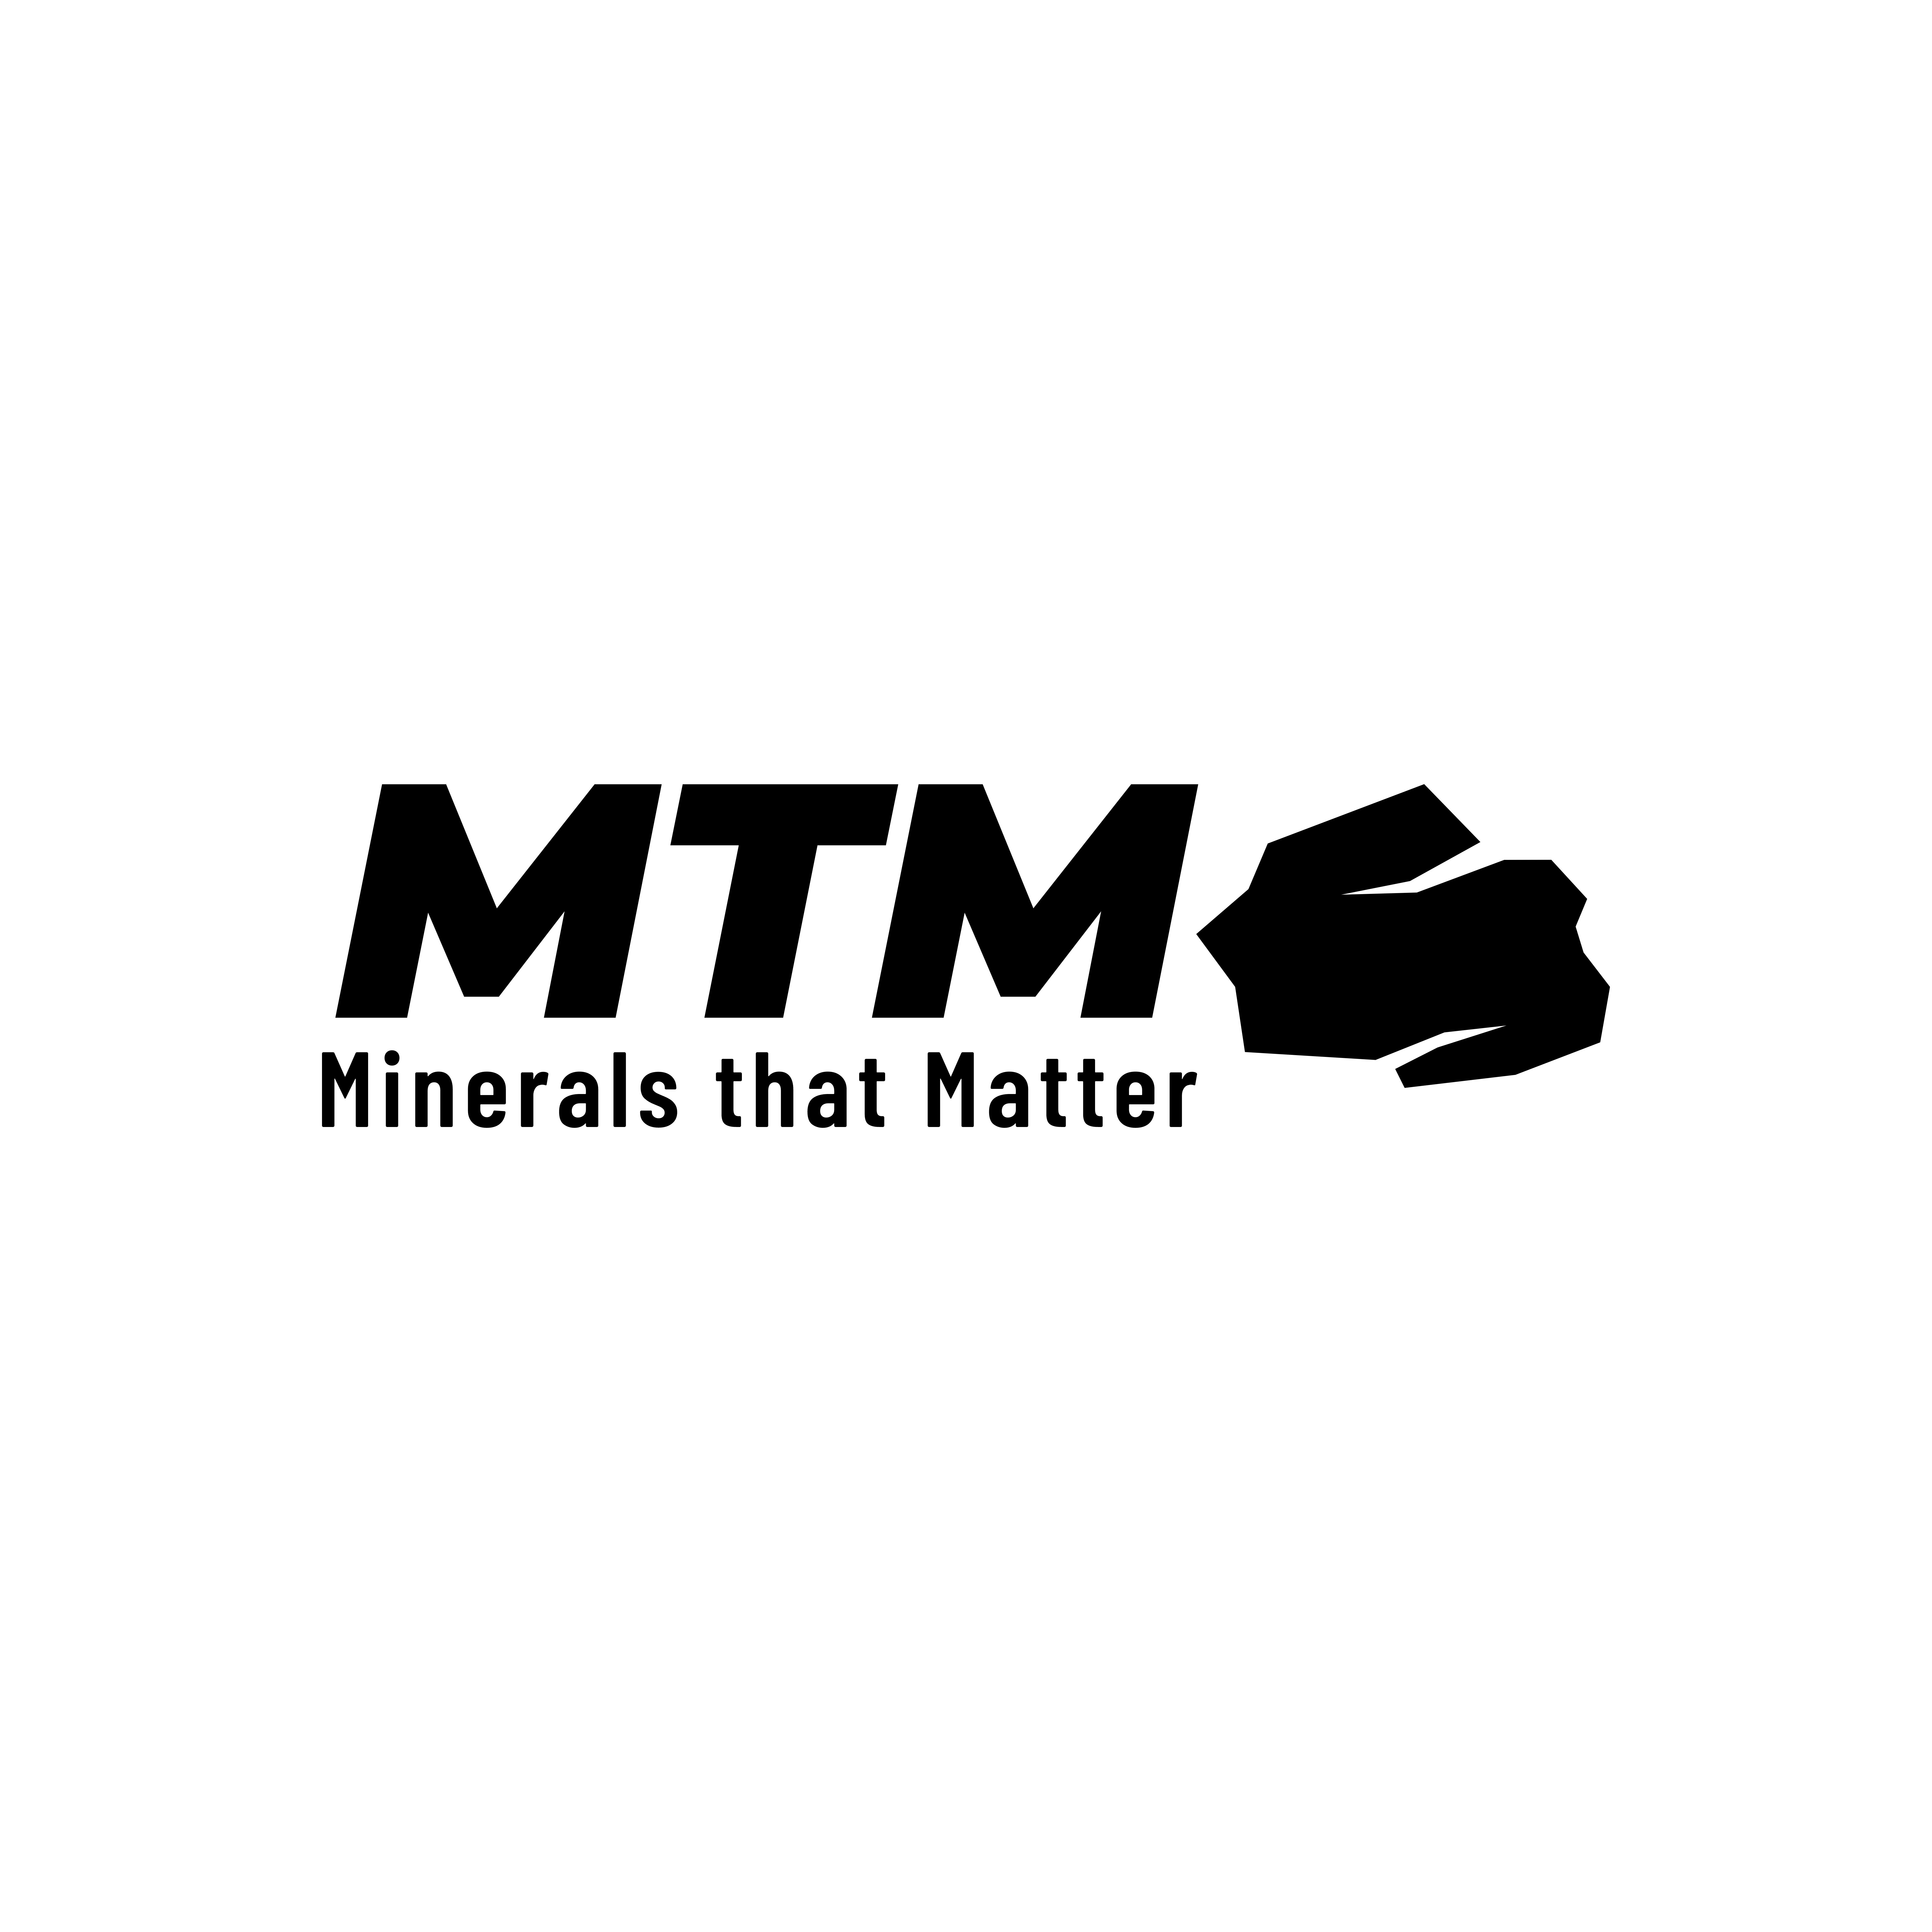 Minerals that Matter